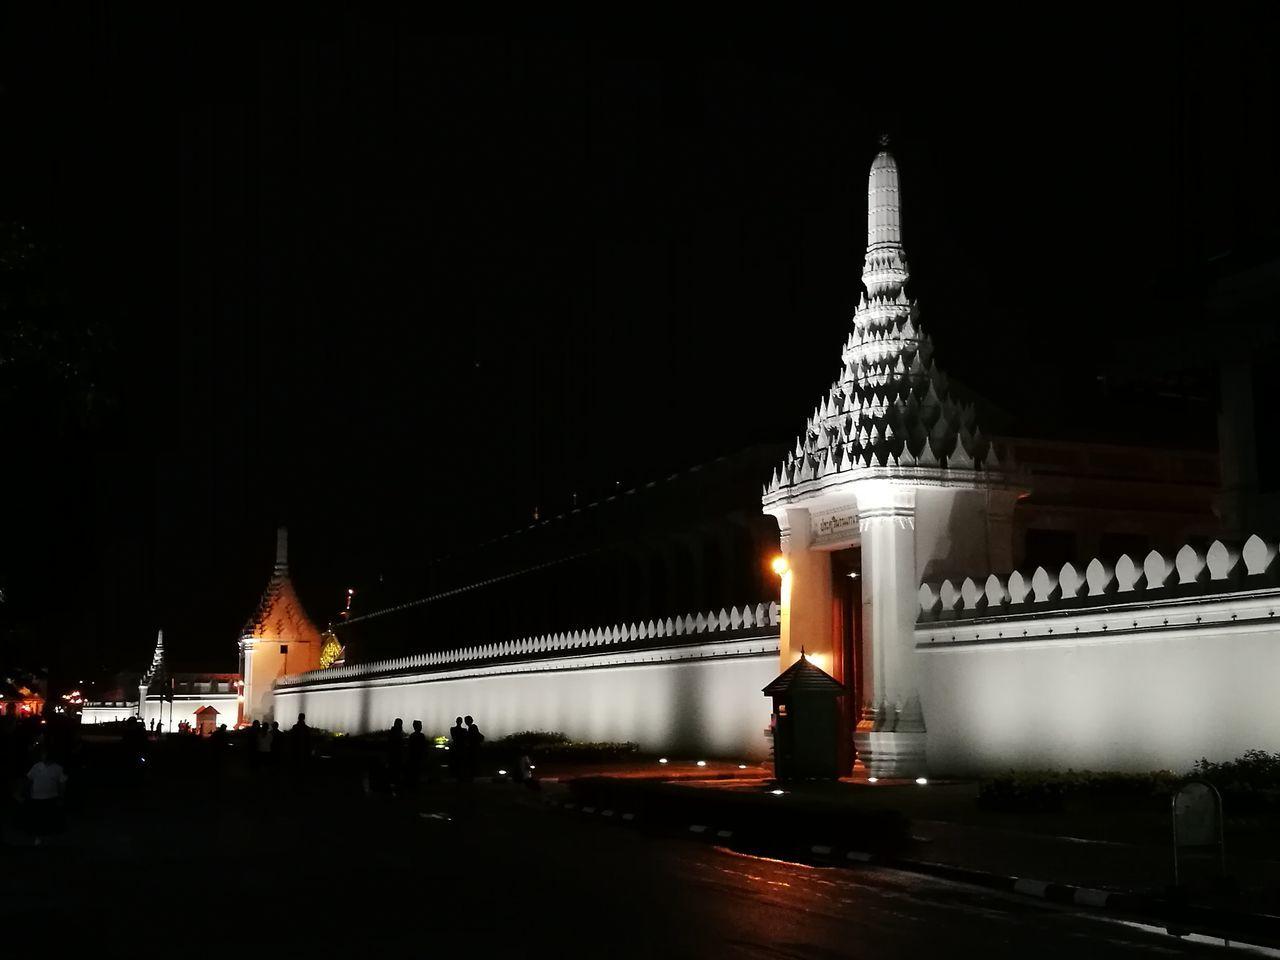 Night Travel Travel Destinations Sanamluang Photography HuaweiP9 Respect Bangkok Thailand. Grand Palace Bangkok Thailand